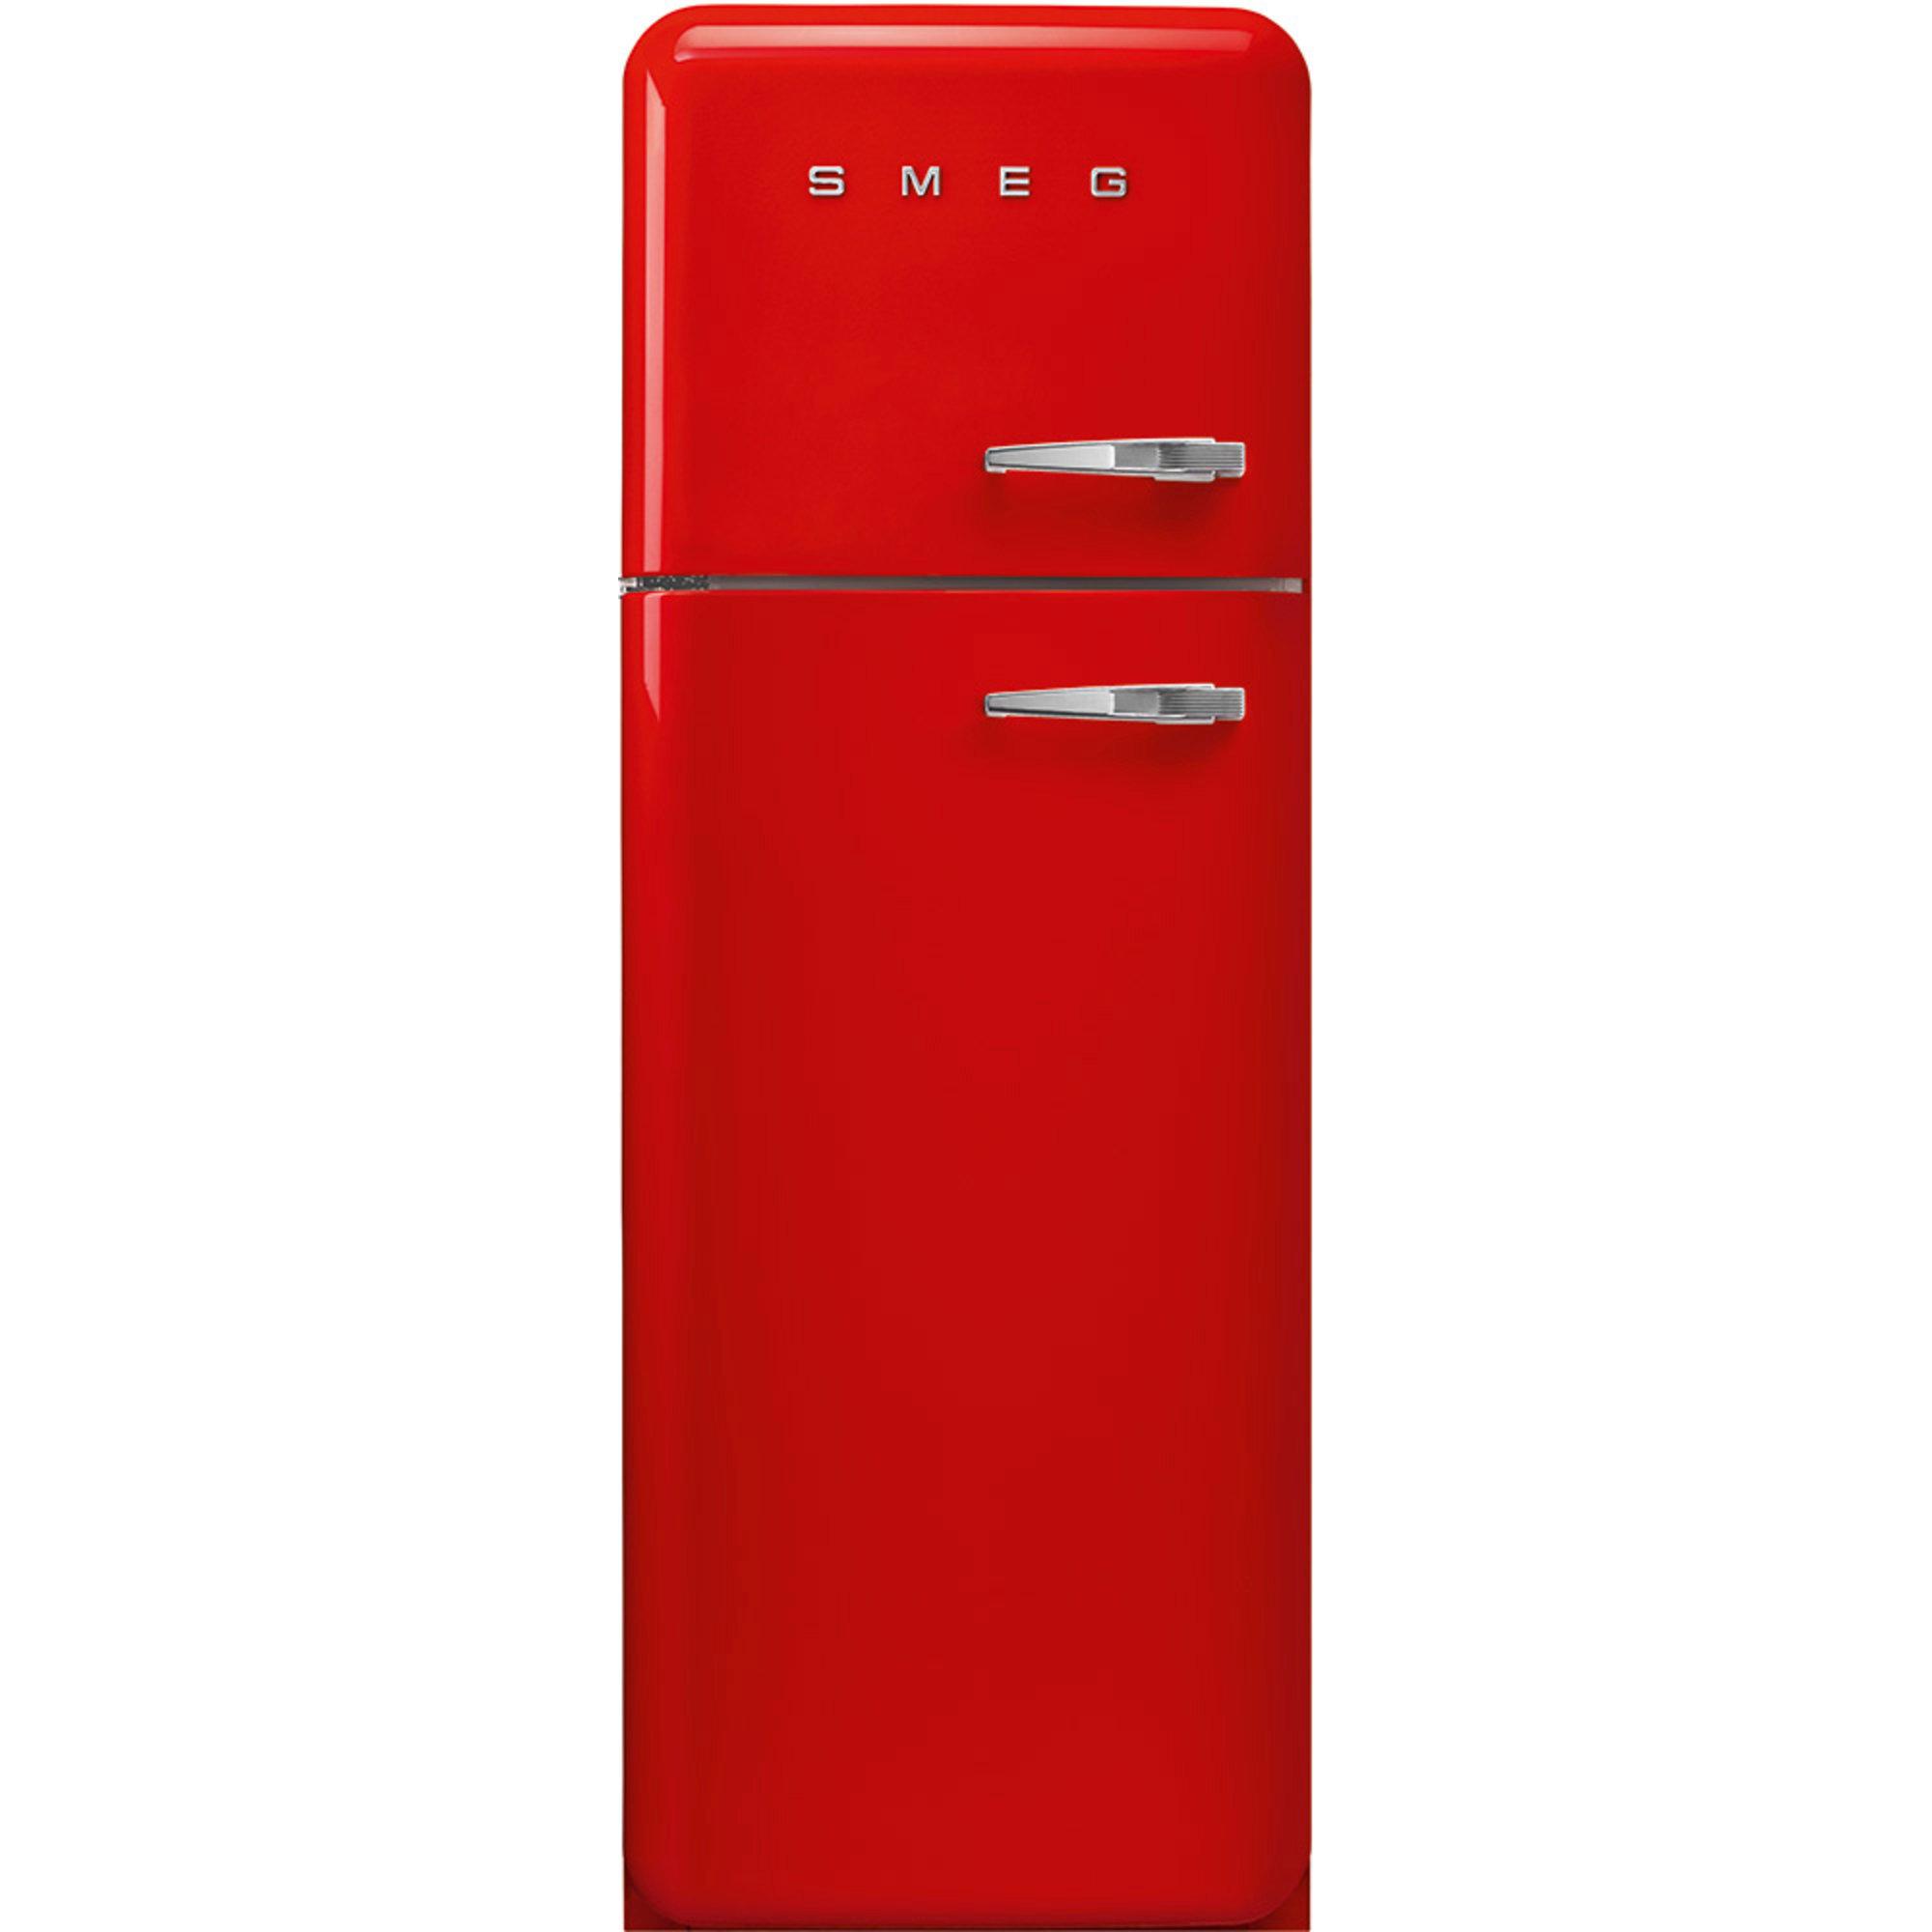 Smeg 172 cm Vänsterhängt Kylskåp/frys i 50-tals Retrodesign Röd